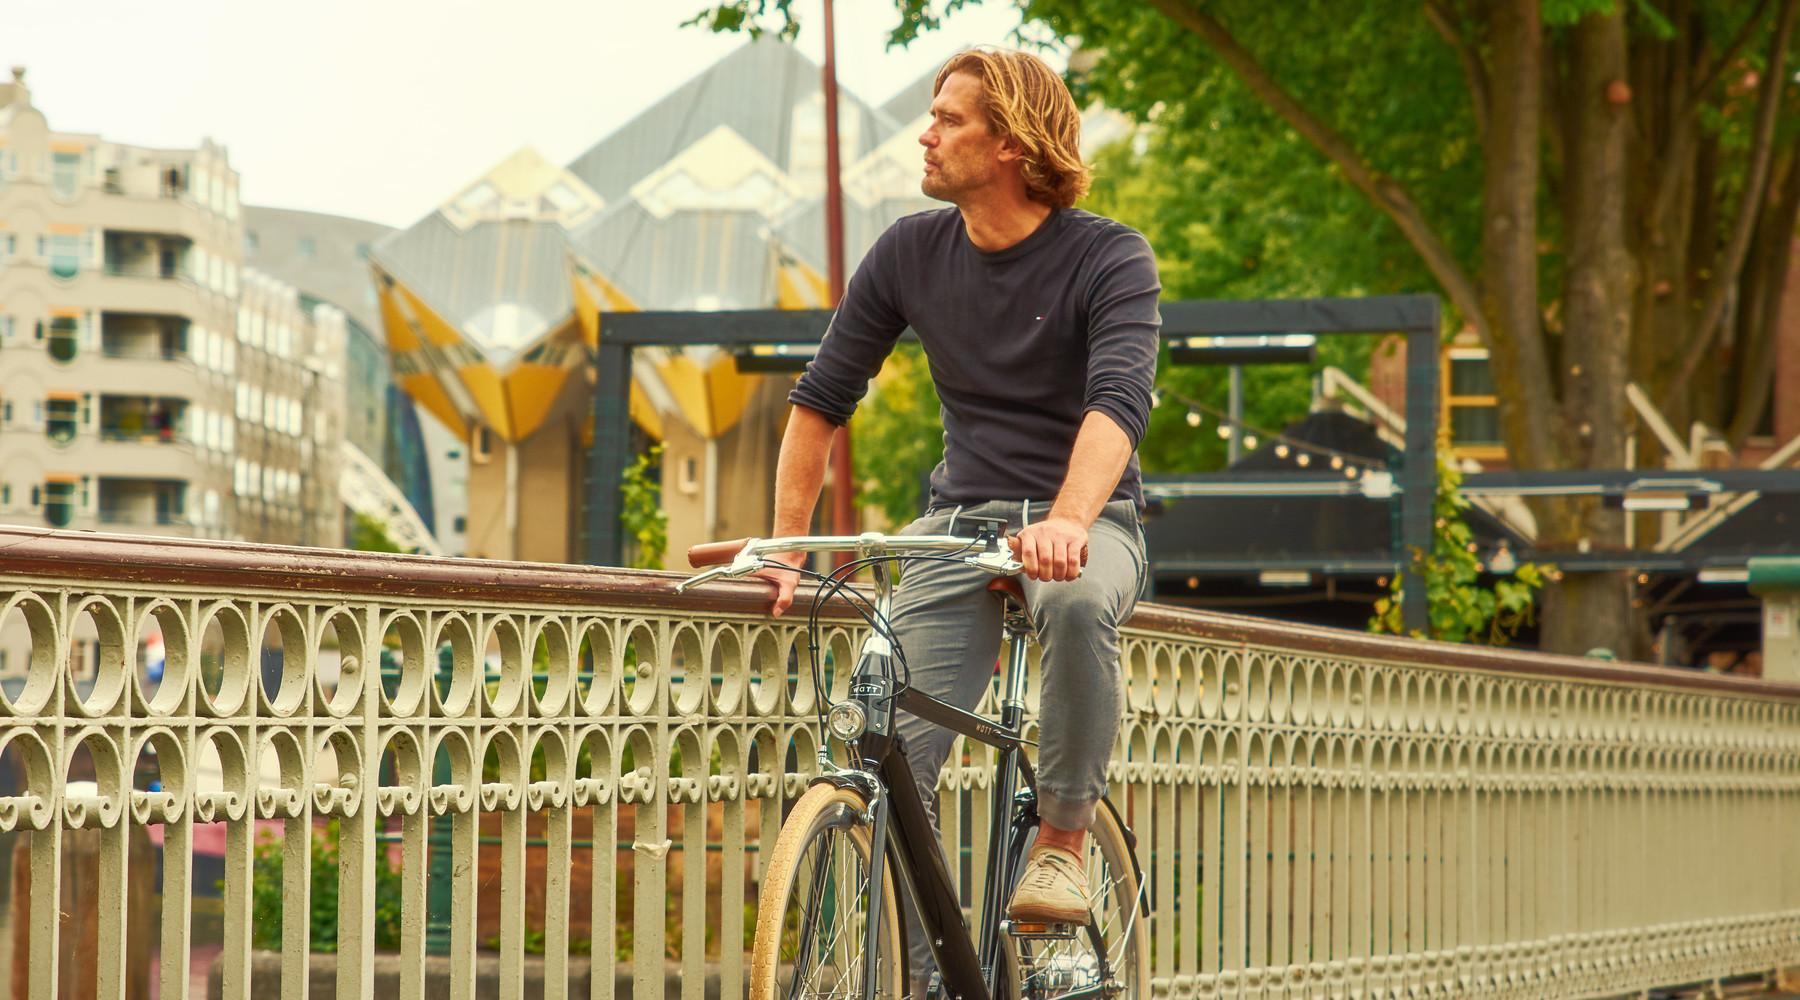 Met deze tips ga jij veilig met je WATT e-bike de weg op!